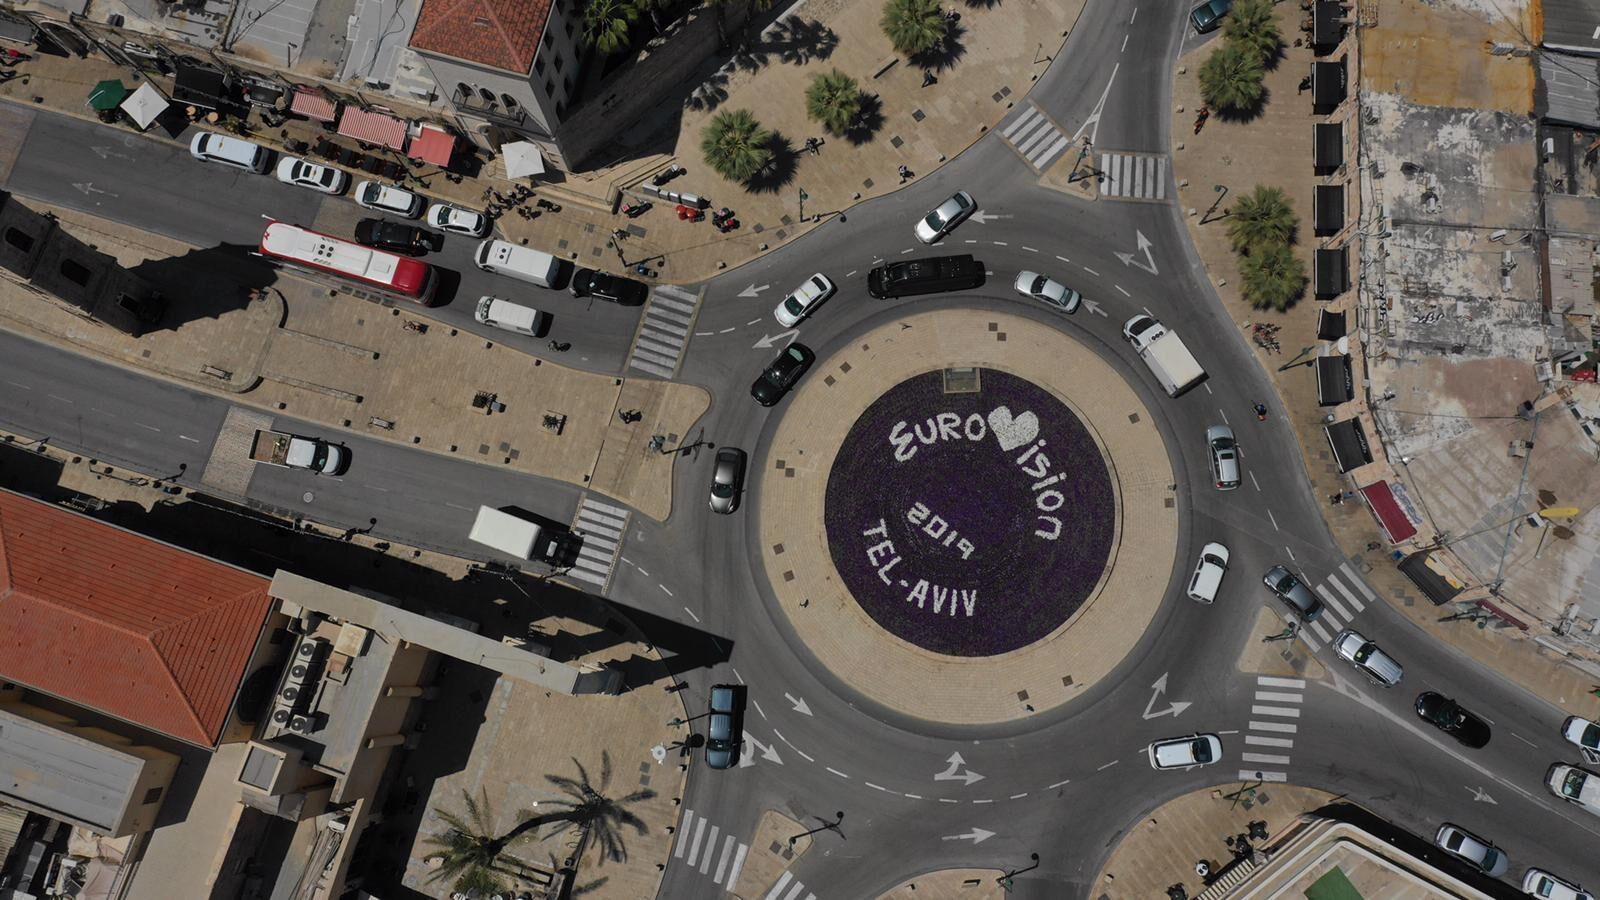 Евровидение 2019. Тель-Авив. Кикар шаон. Фото предоставлено пресс-службой мэрии Тель-Авива